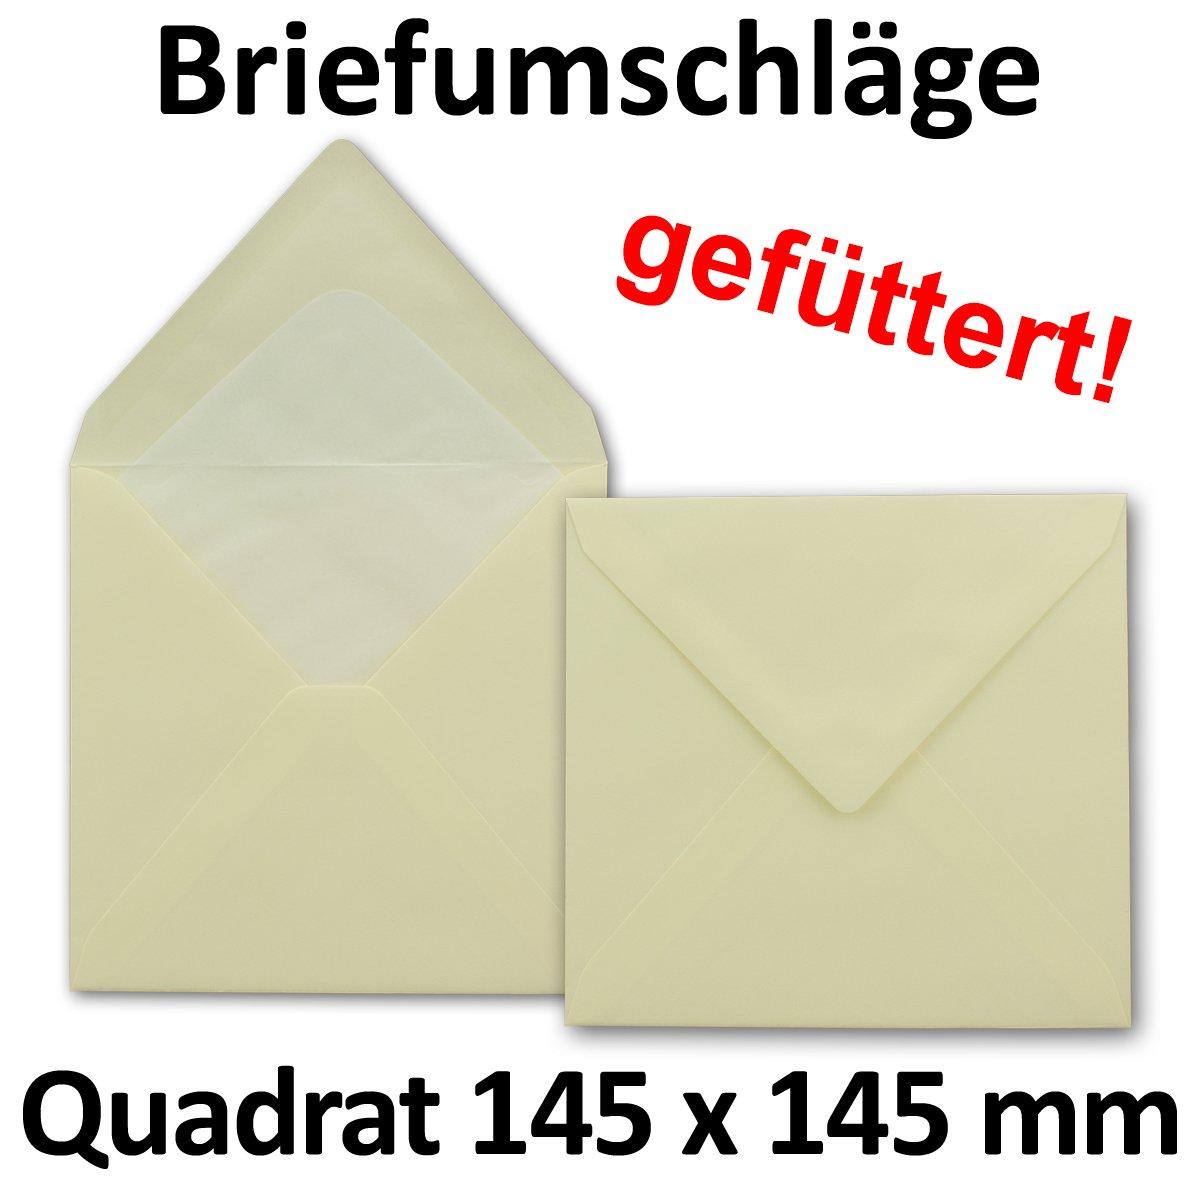 145 x 145 mm Enveloppes carr/ées Avec doublure en soie de 100 g//m/² Fermeture humide 100 St/ück blanc /éclatant